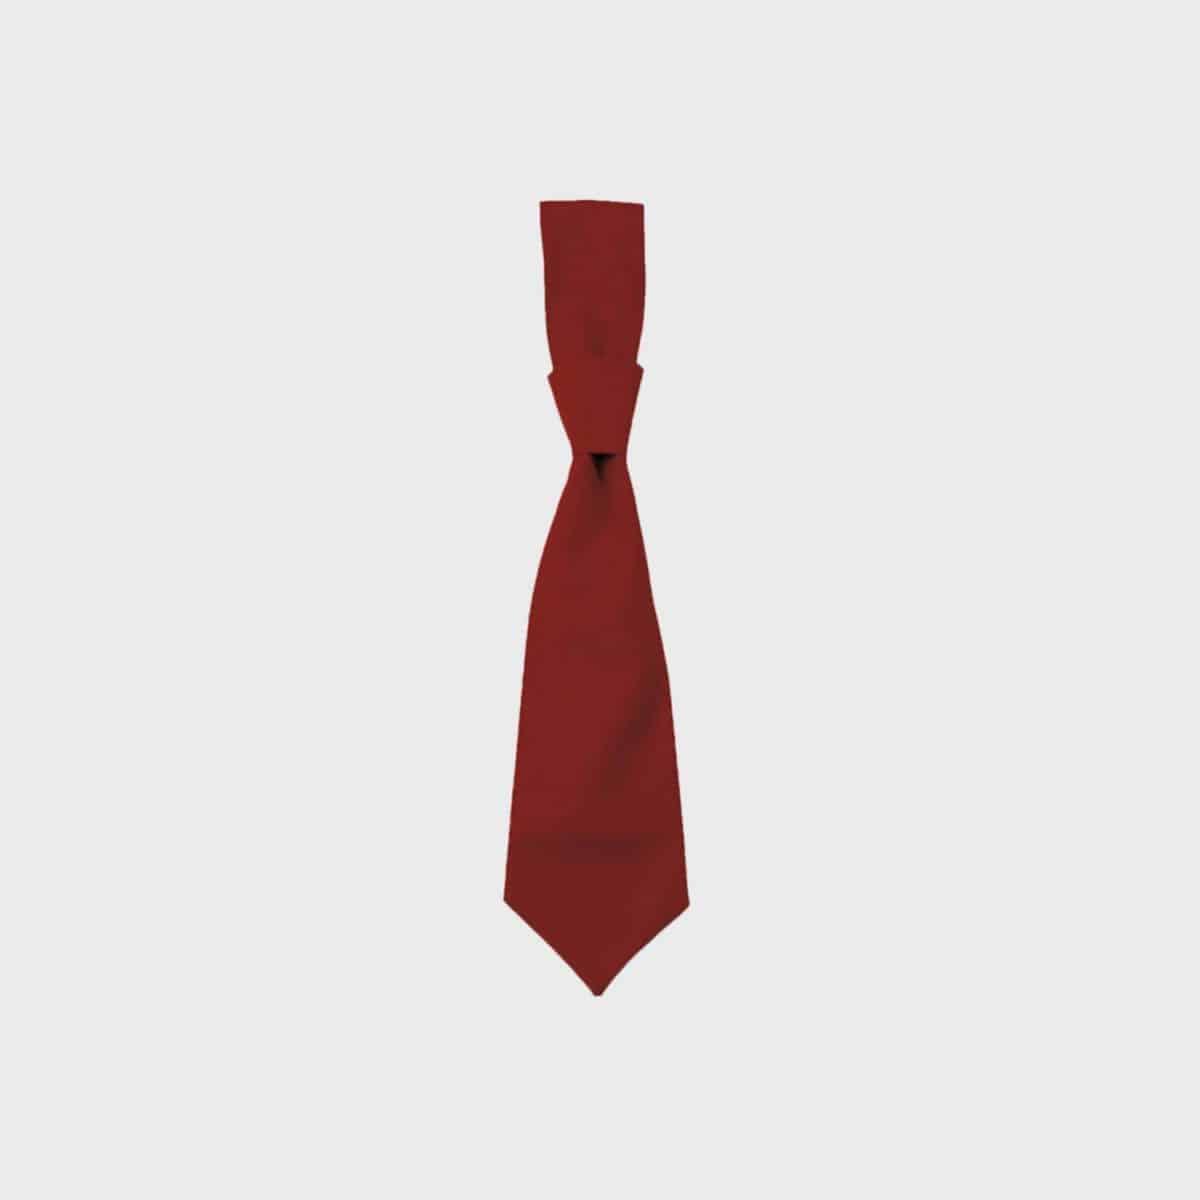 Krawatte-kaufen-besticken_StickManufaktur